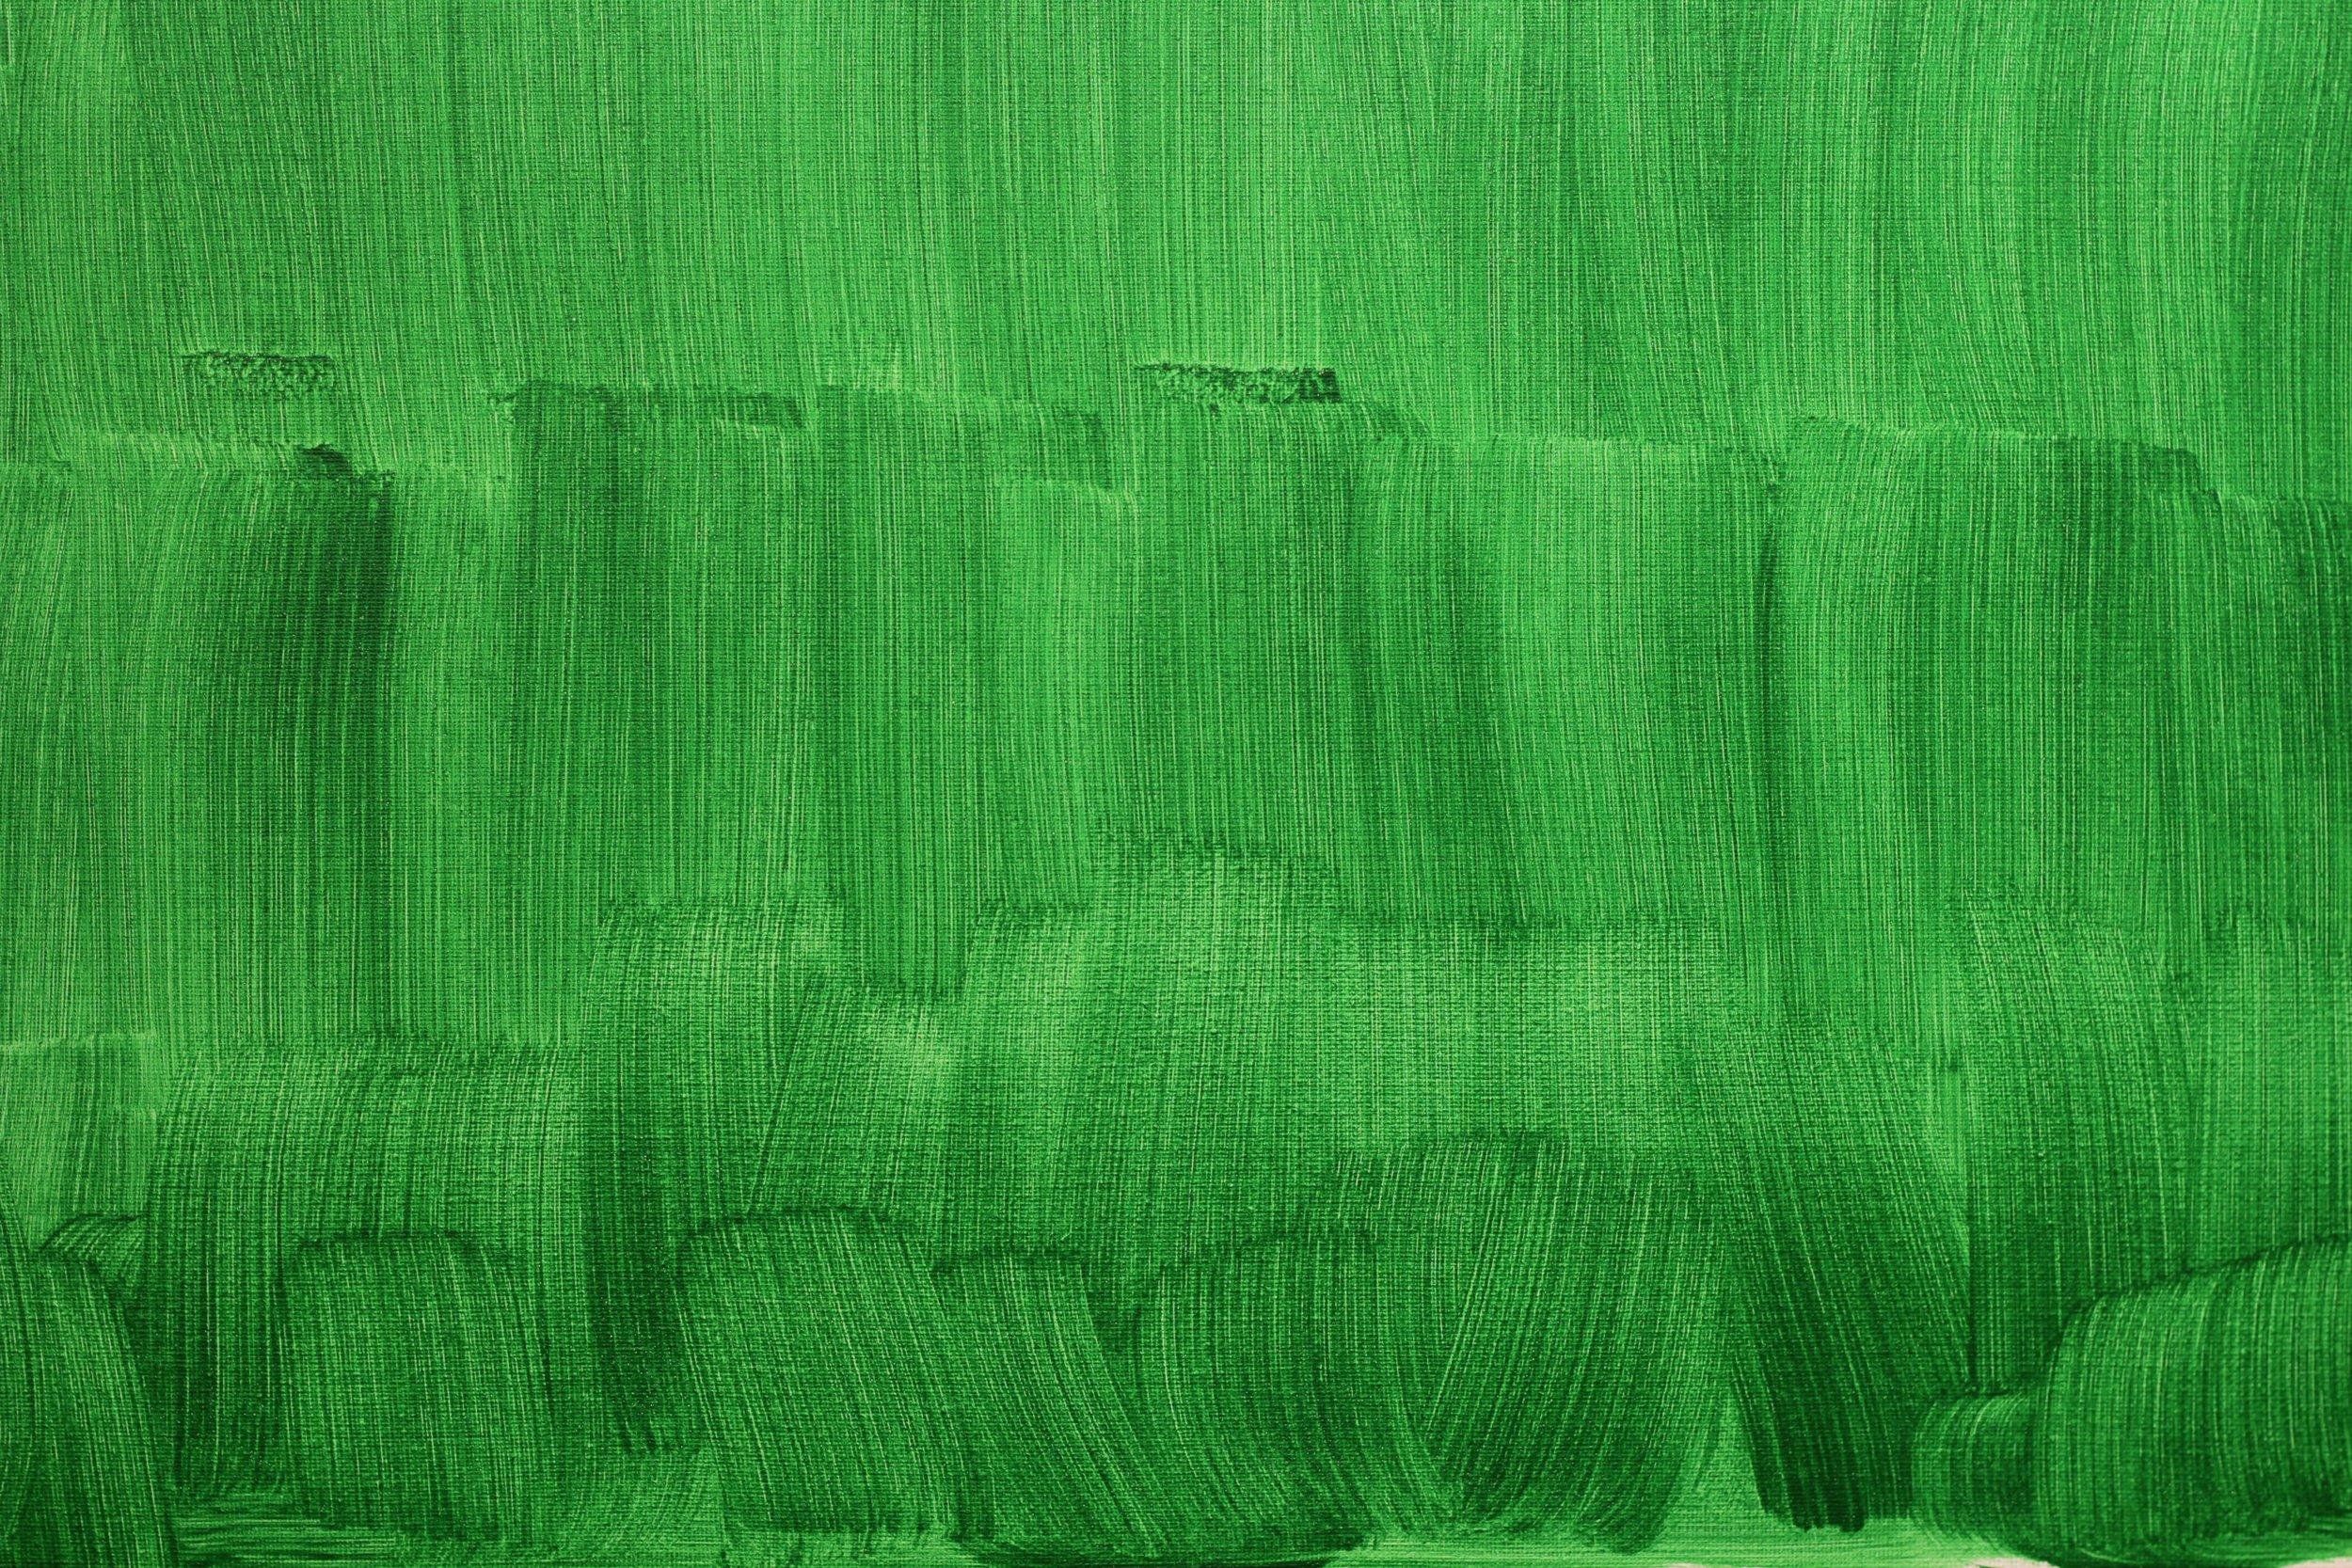 Green_Screen_Dreams_Keaton_Fox_2.jpg